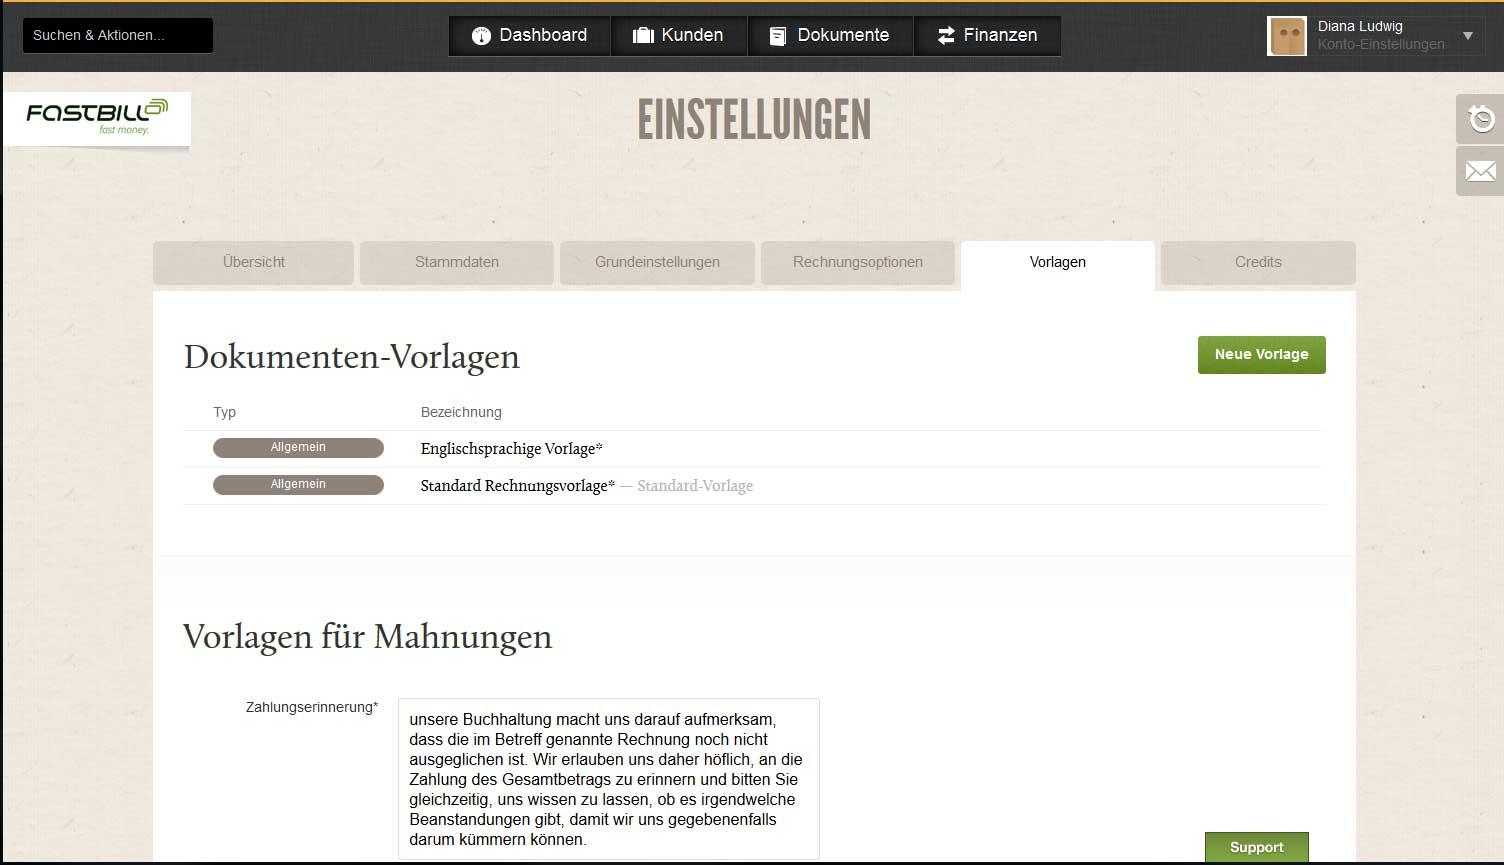 Screenshot der Einstellungen-Seite des Rechnungsprogramms FastBill